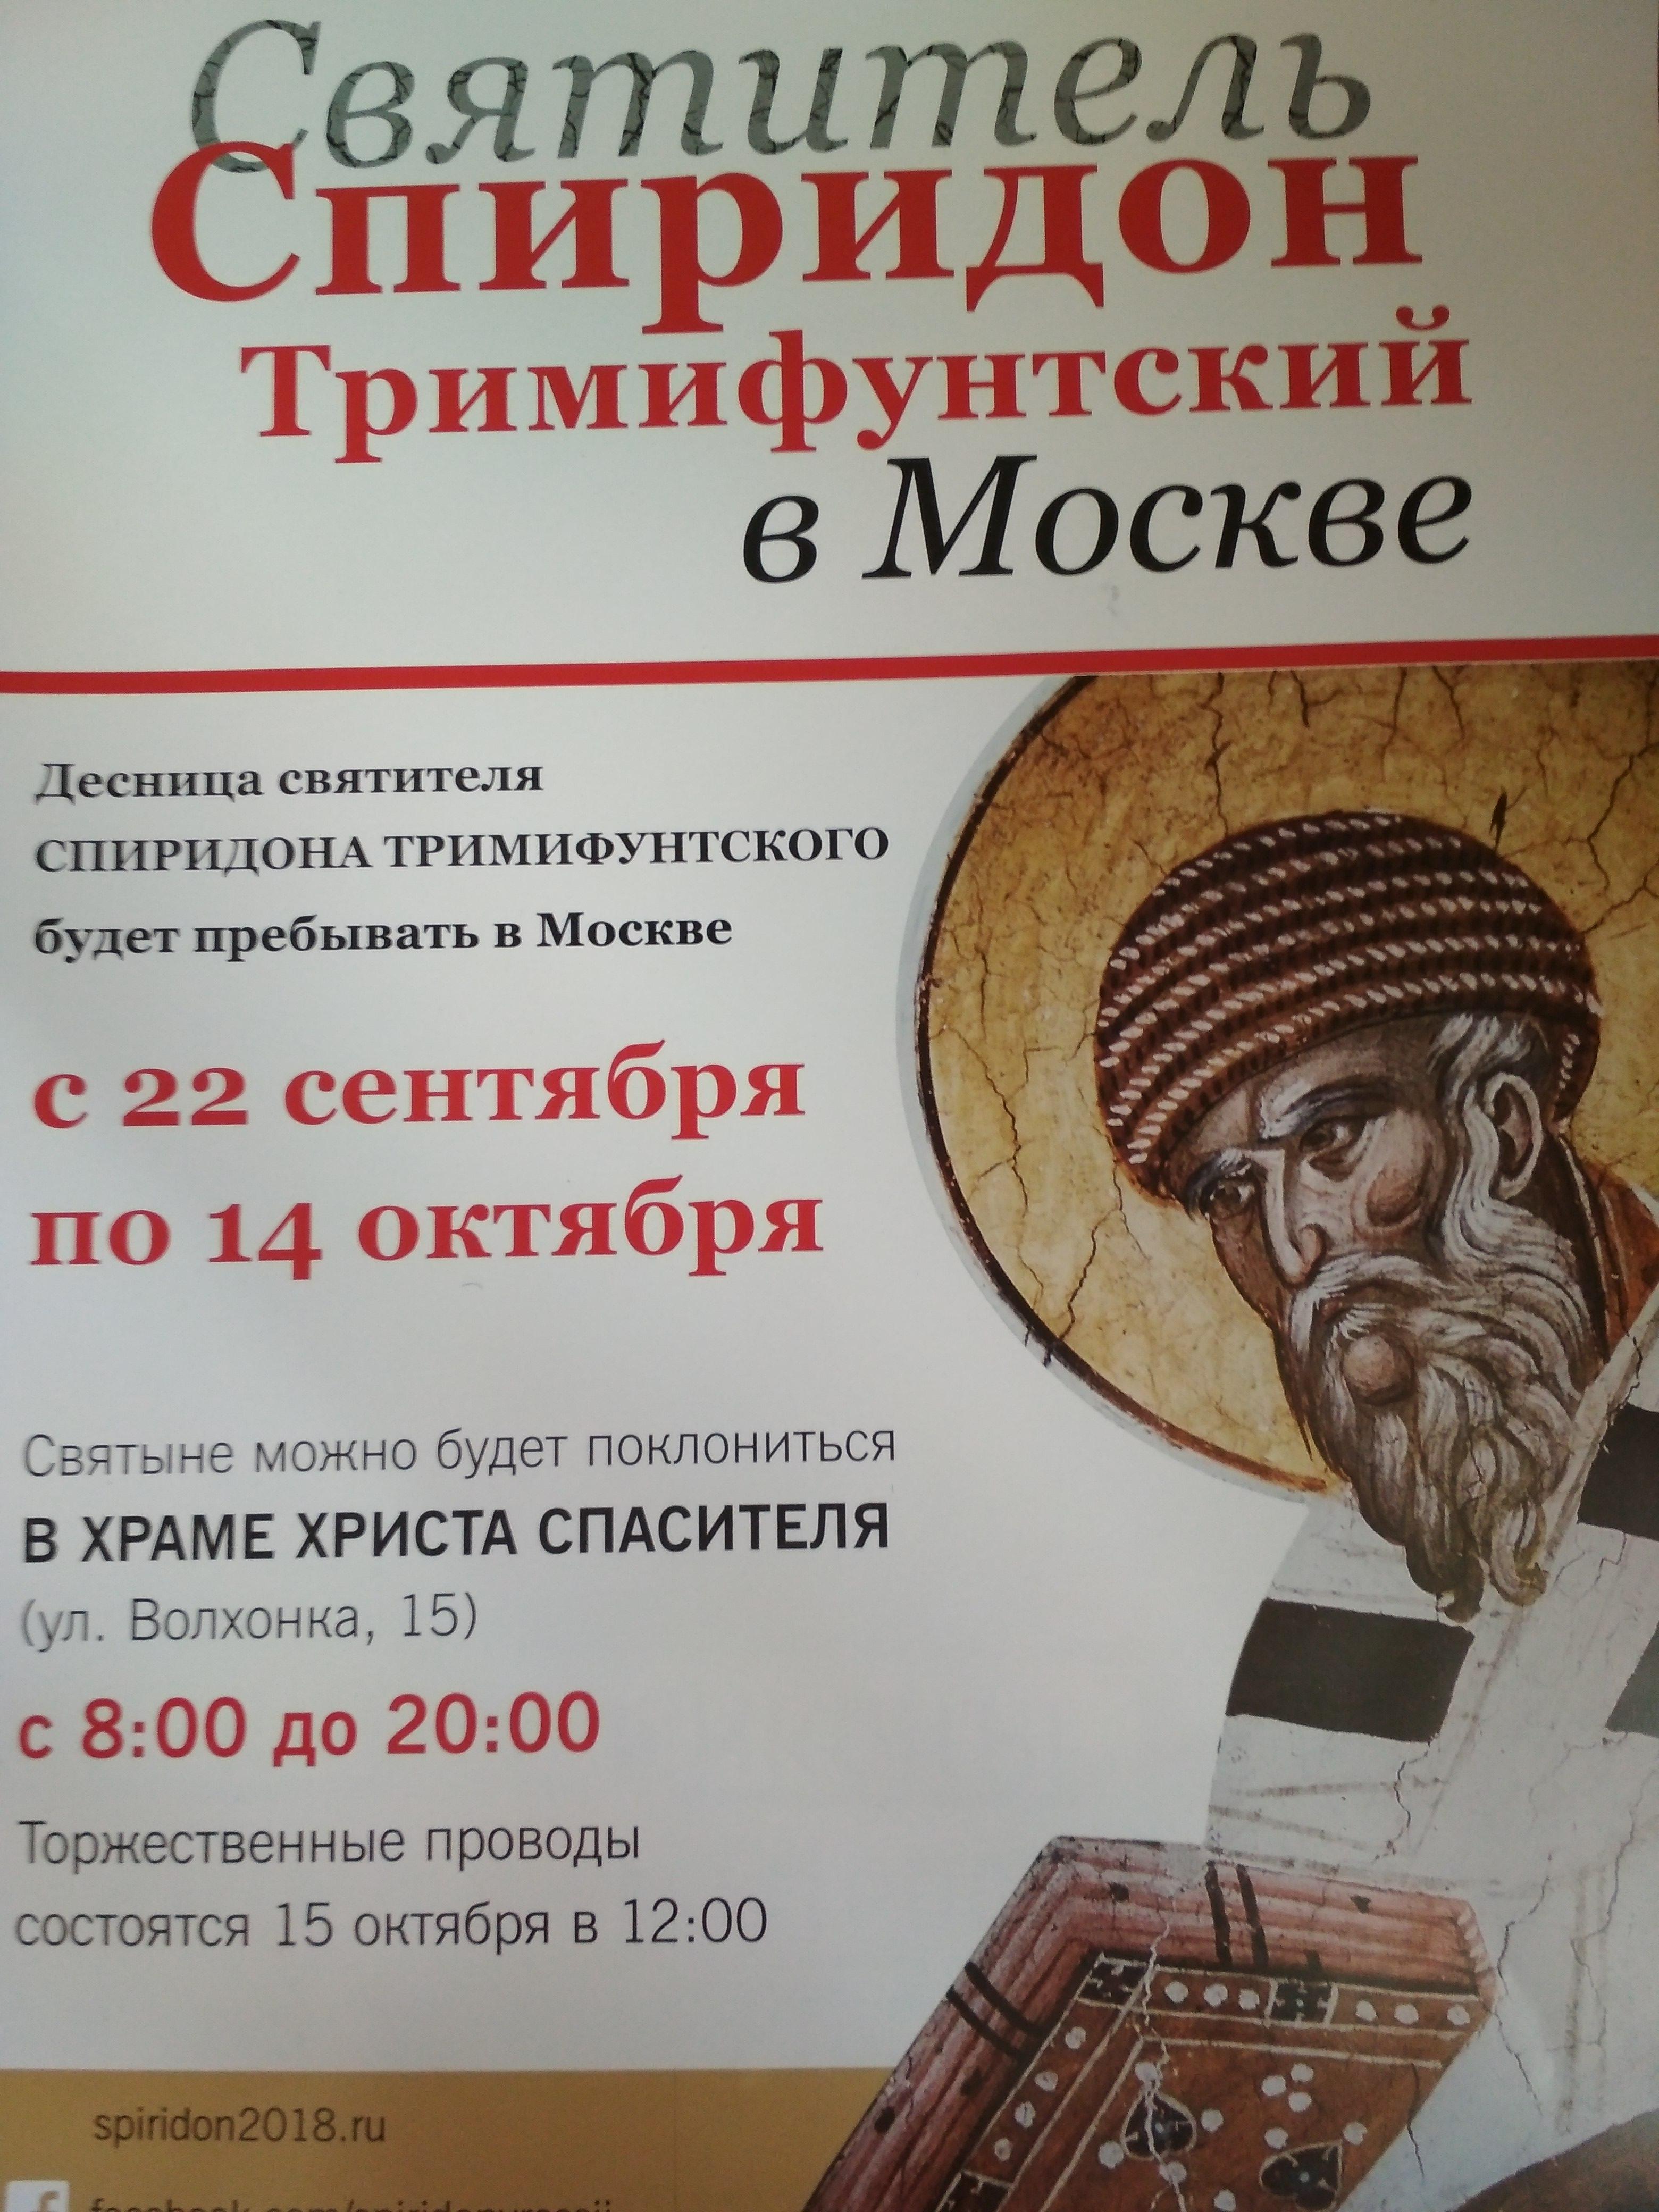 Десница святителя Спиридона Тримифунтского прибудет в Москву